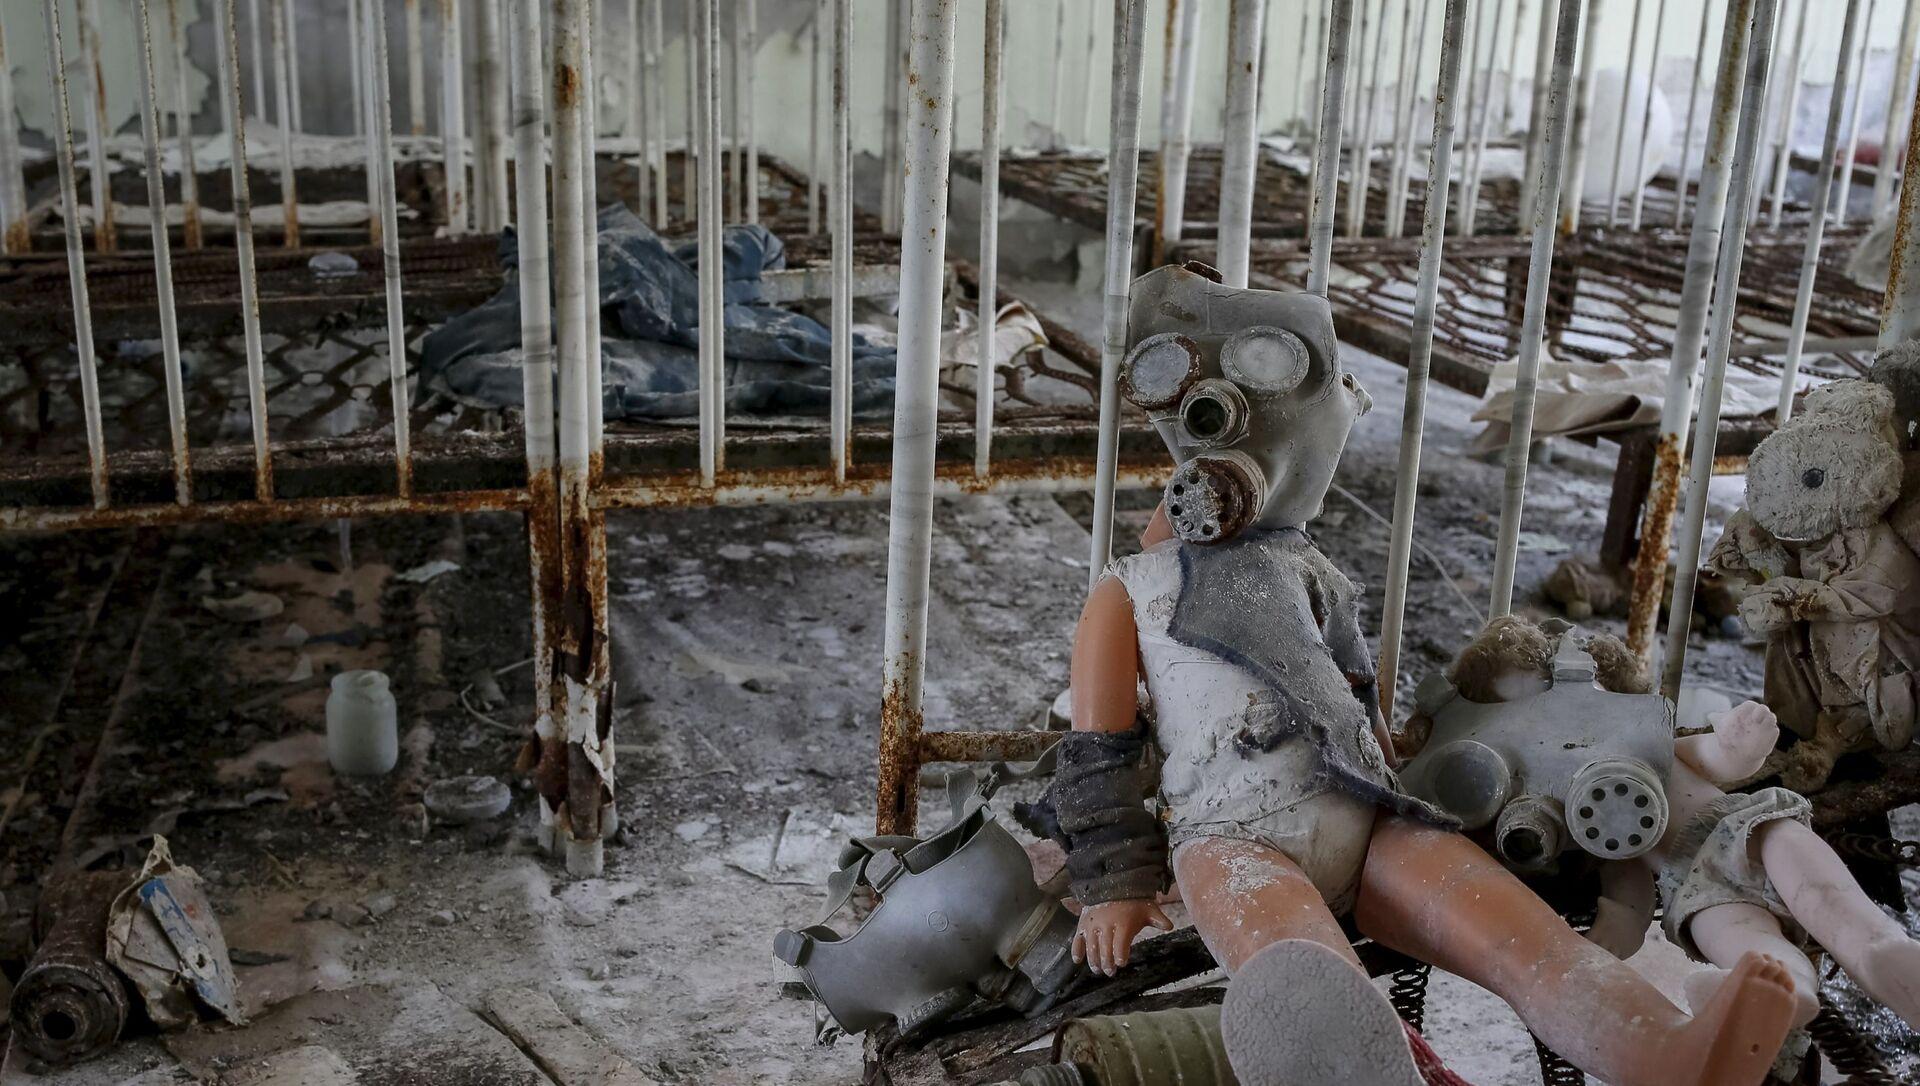 チェルノブイリ原発事故から35年―同じような事故が再発する可能性はあるのか? - Sputnik 日本, 1920, 26.04.2021